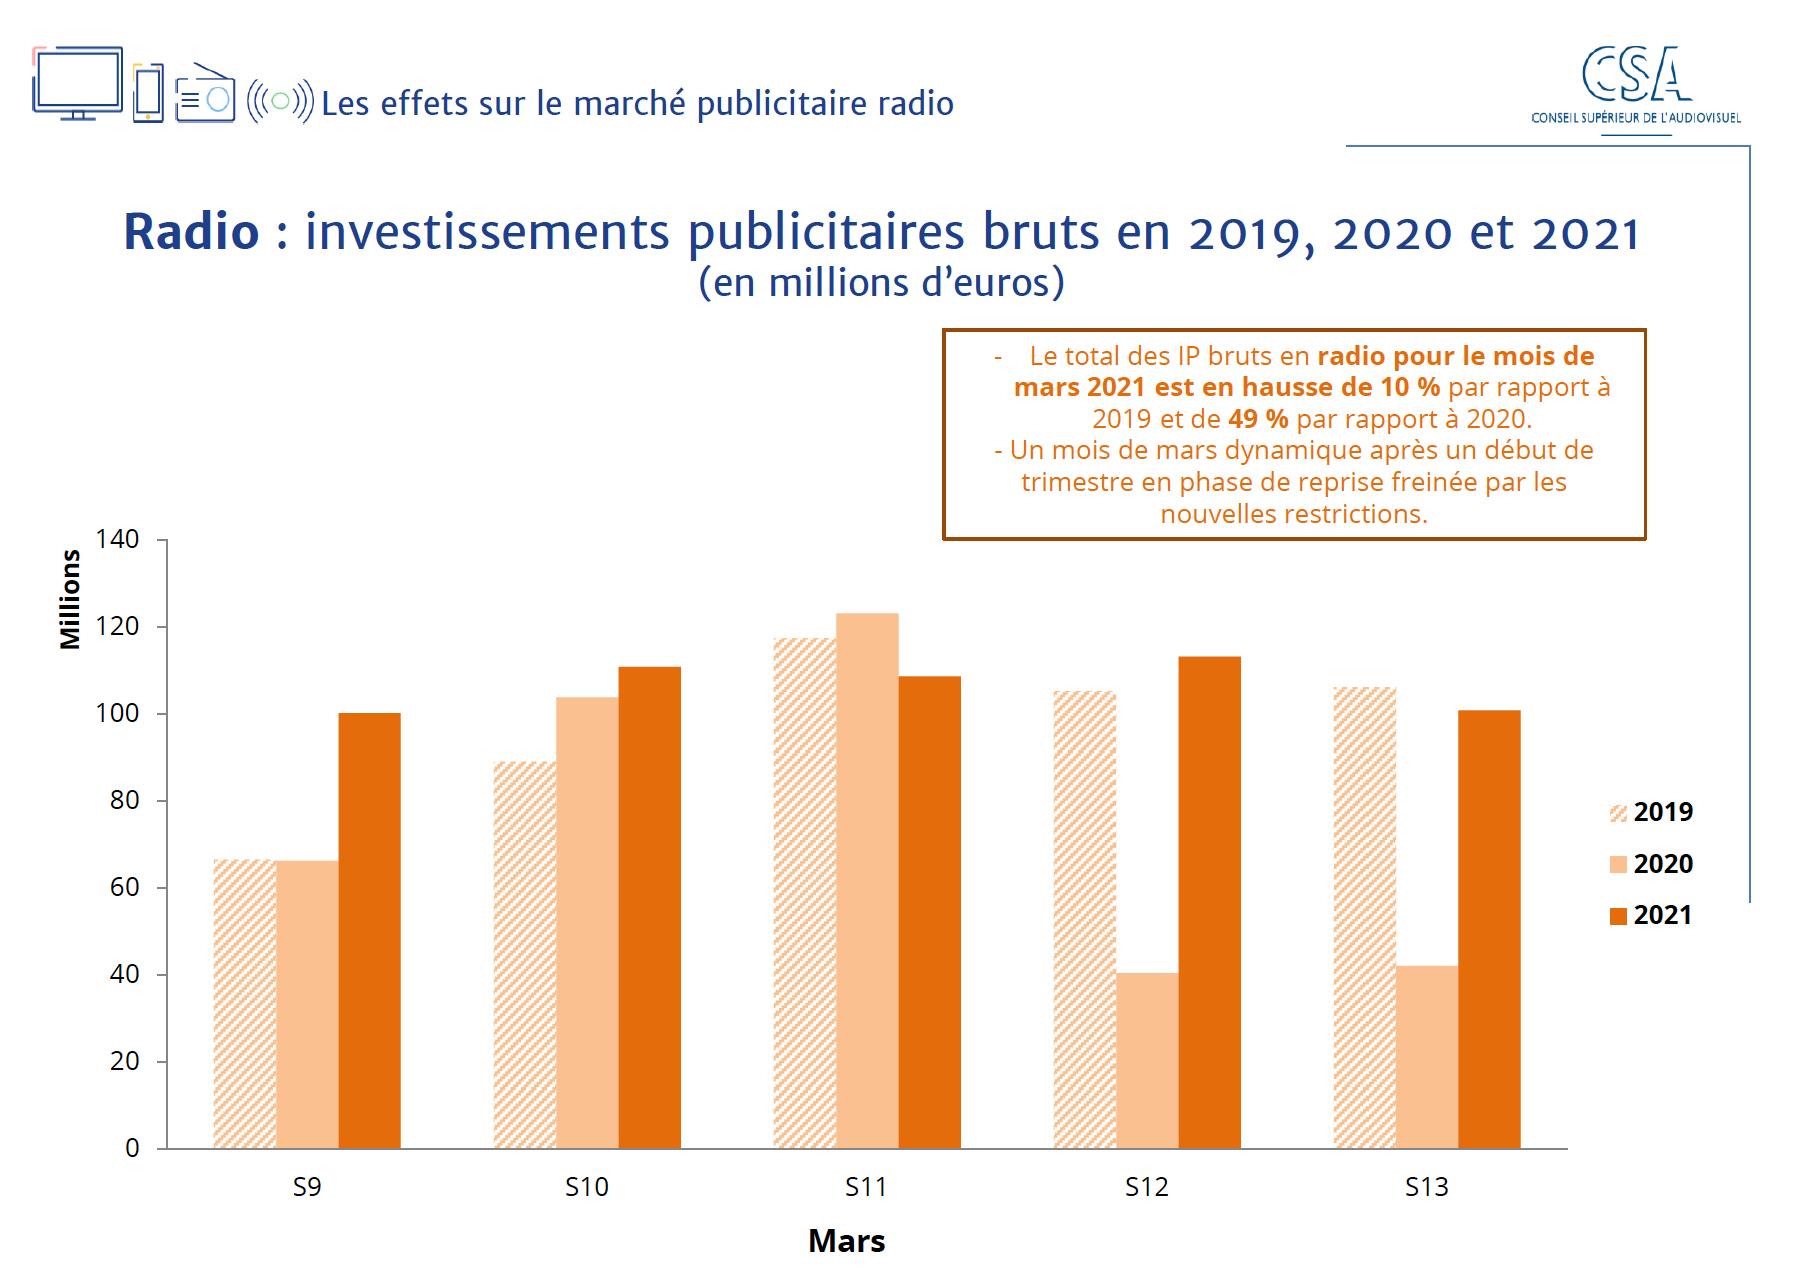 Source : données Kantar division Média + traitement CSA